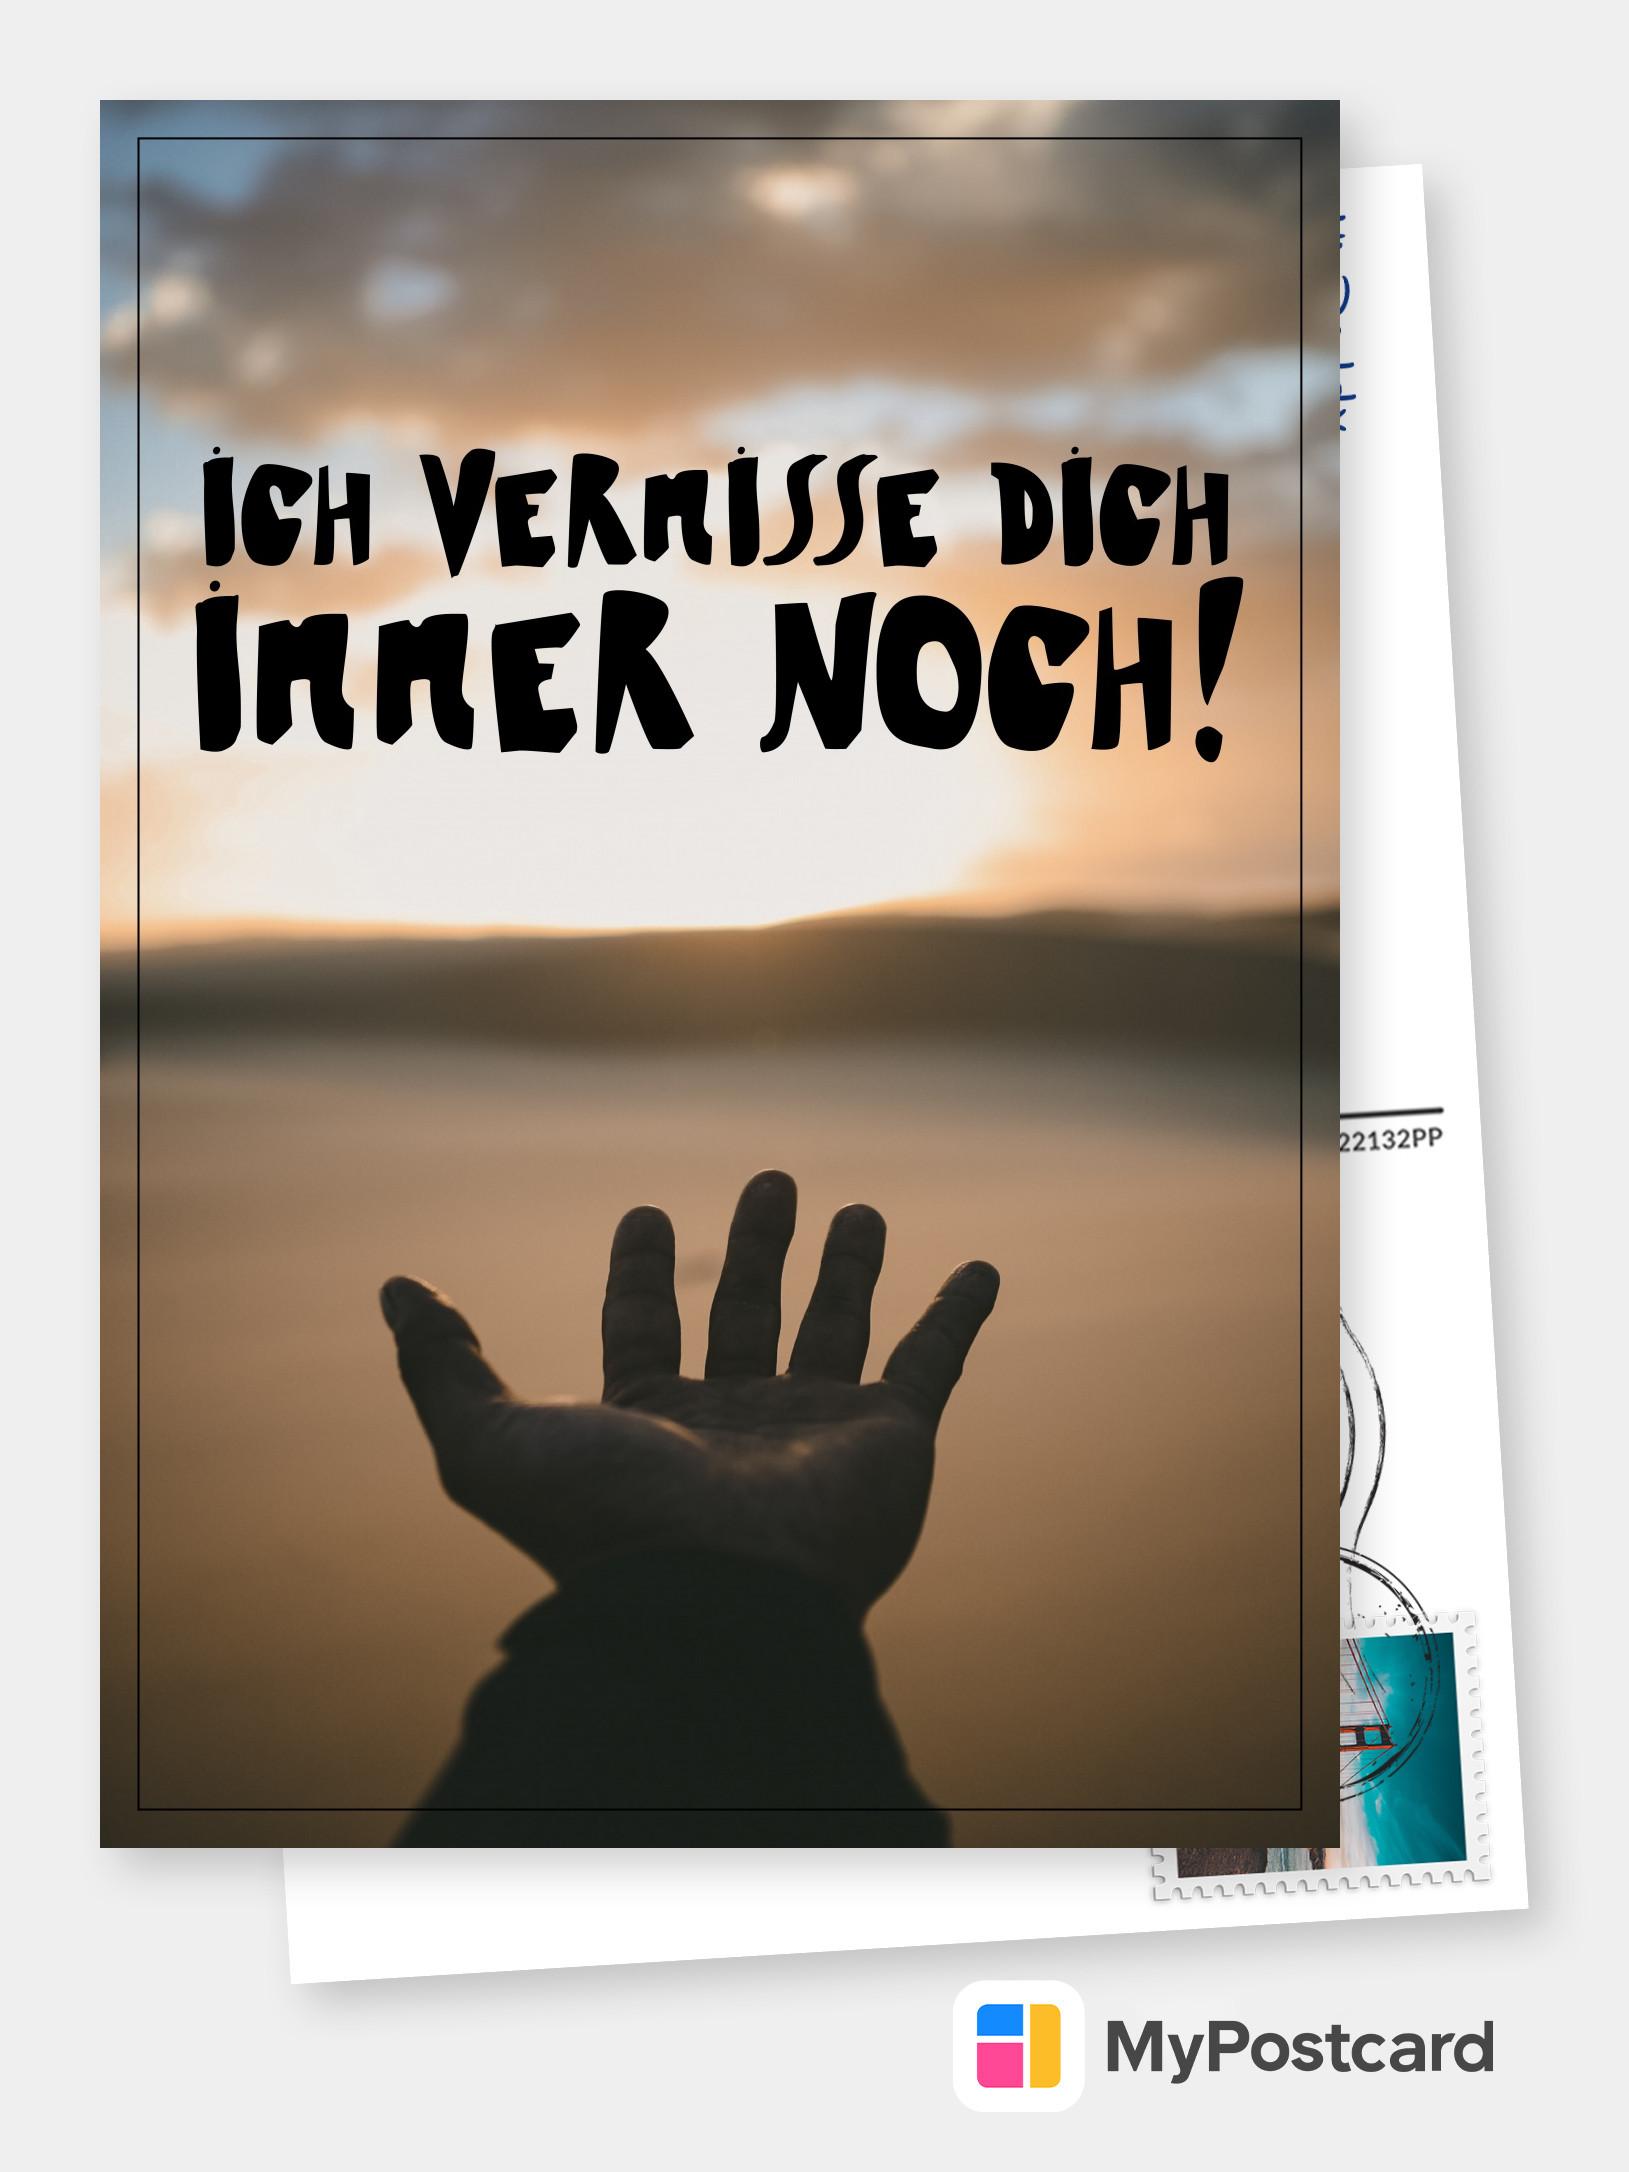 ICH VERMISSE DICH IMMER NOCH! | Liebeskarten & Sprüche 🌹💌